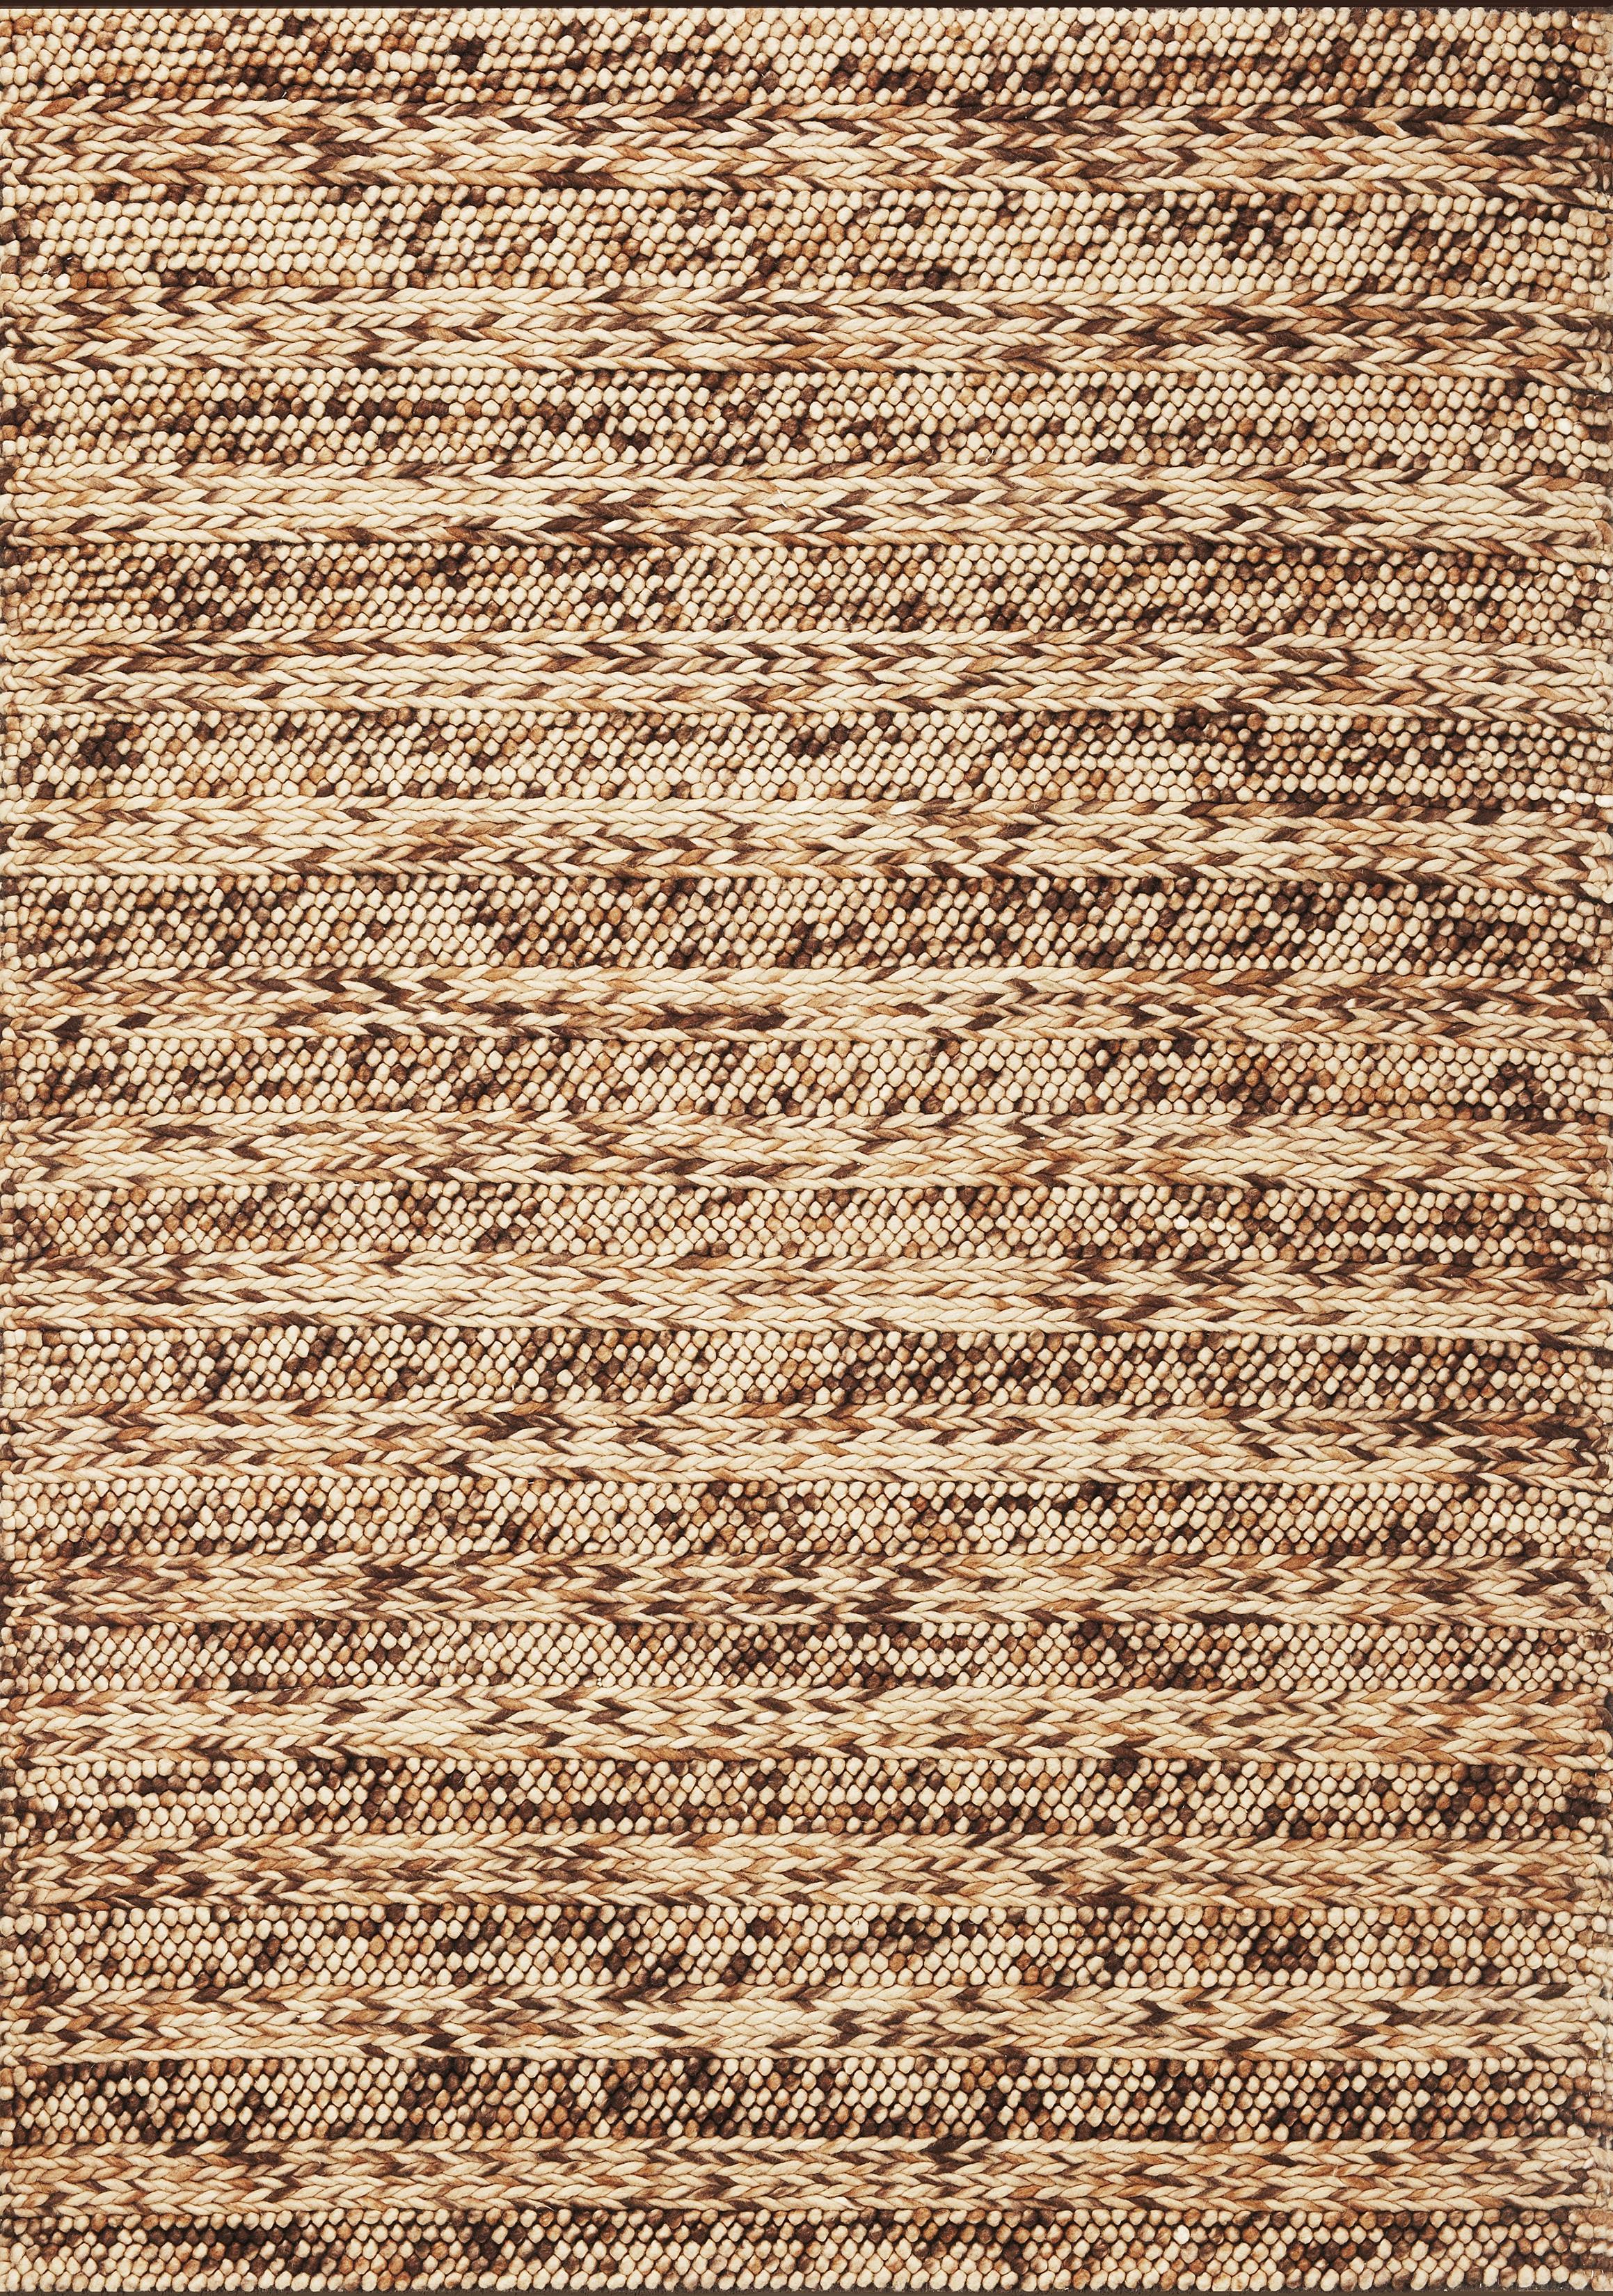 Kas Cortico 5' x 7' Rug - Item Number: COT61505X7